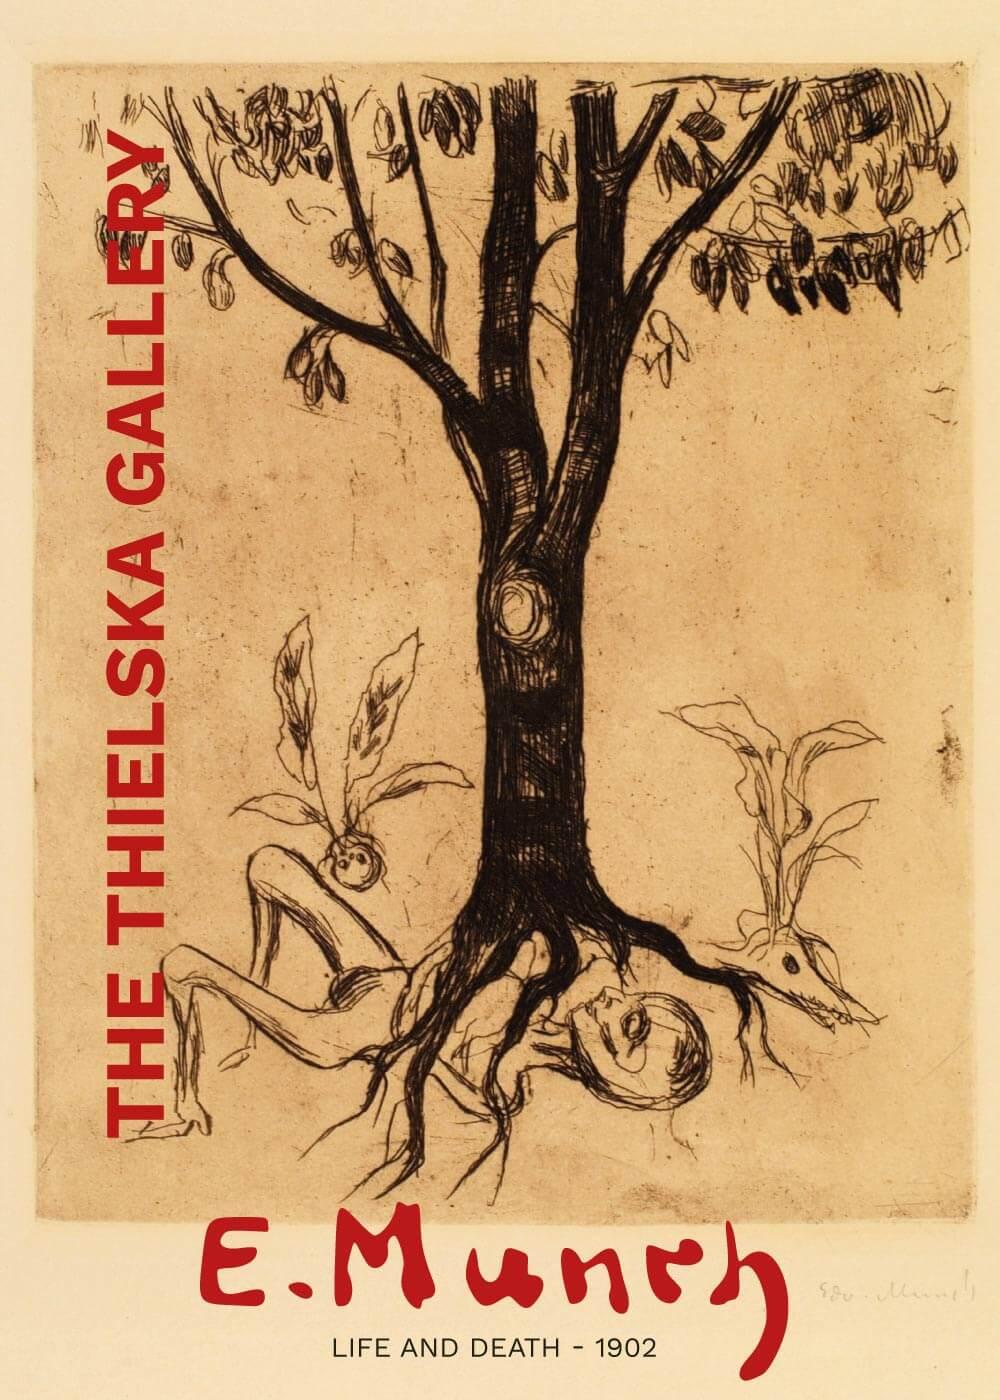 Billede af Life and death - Edvard Munch